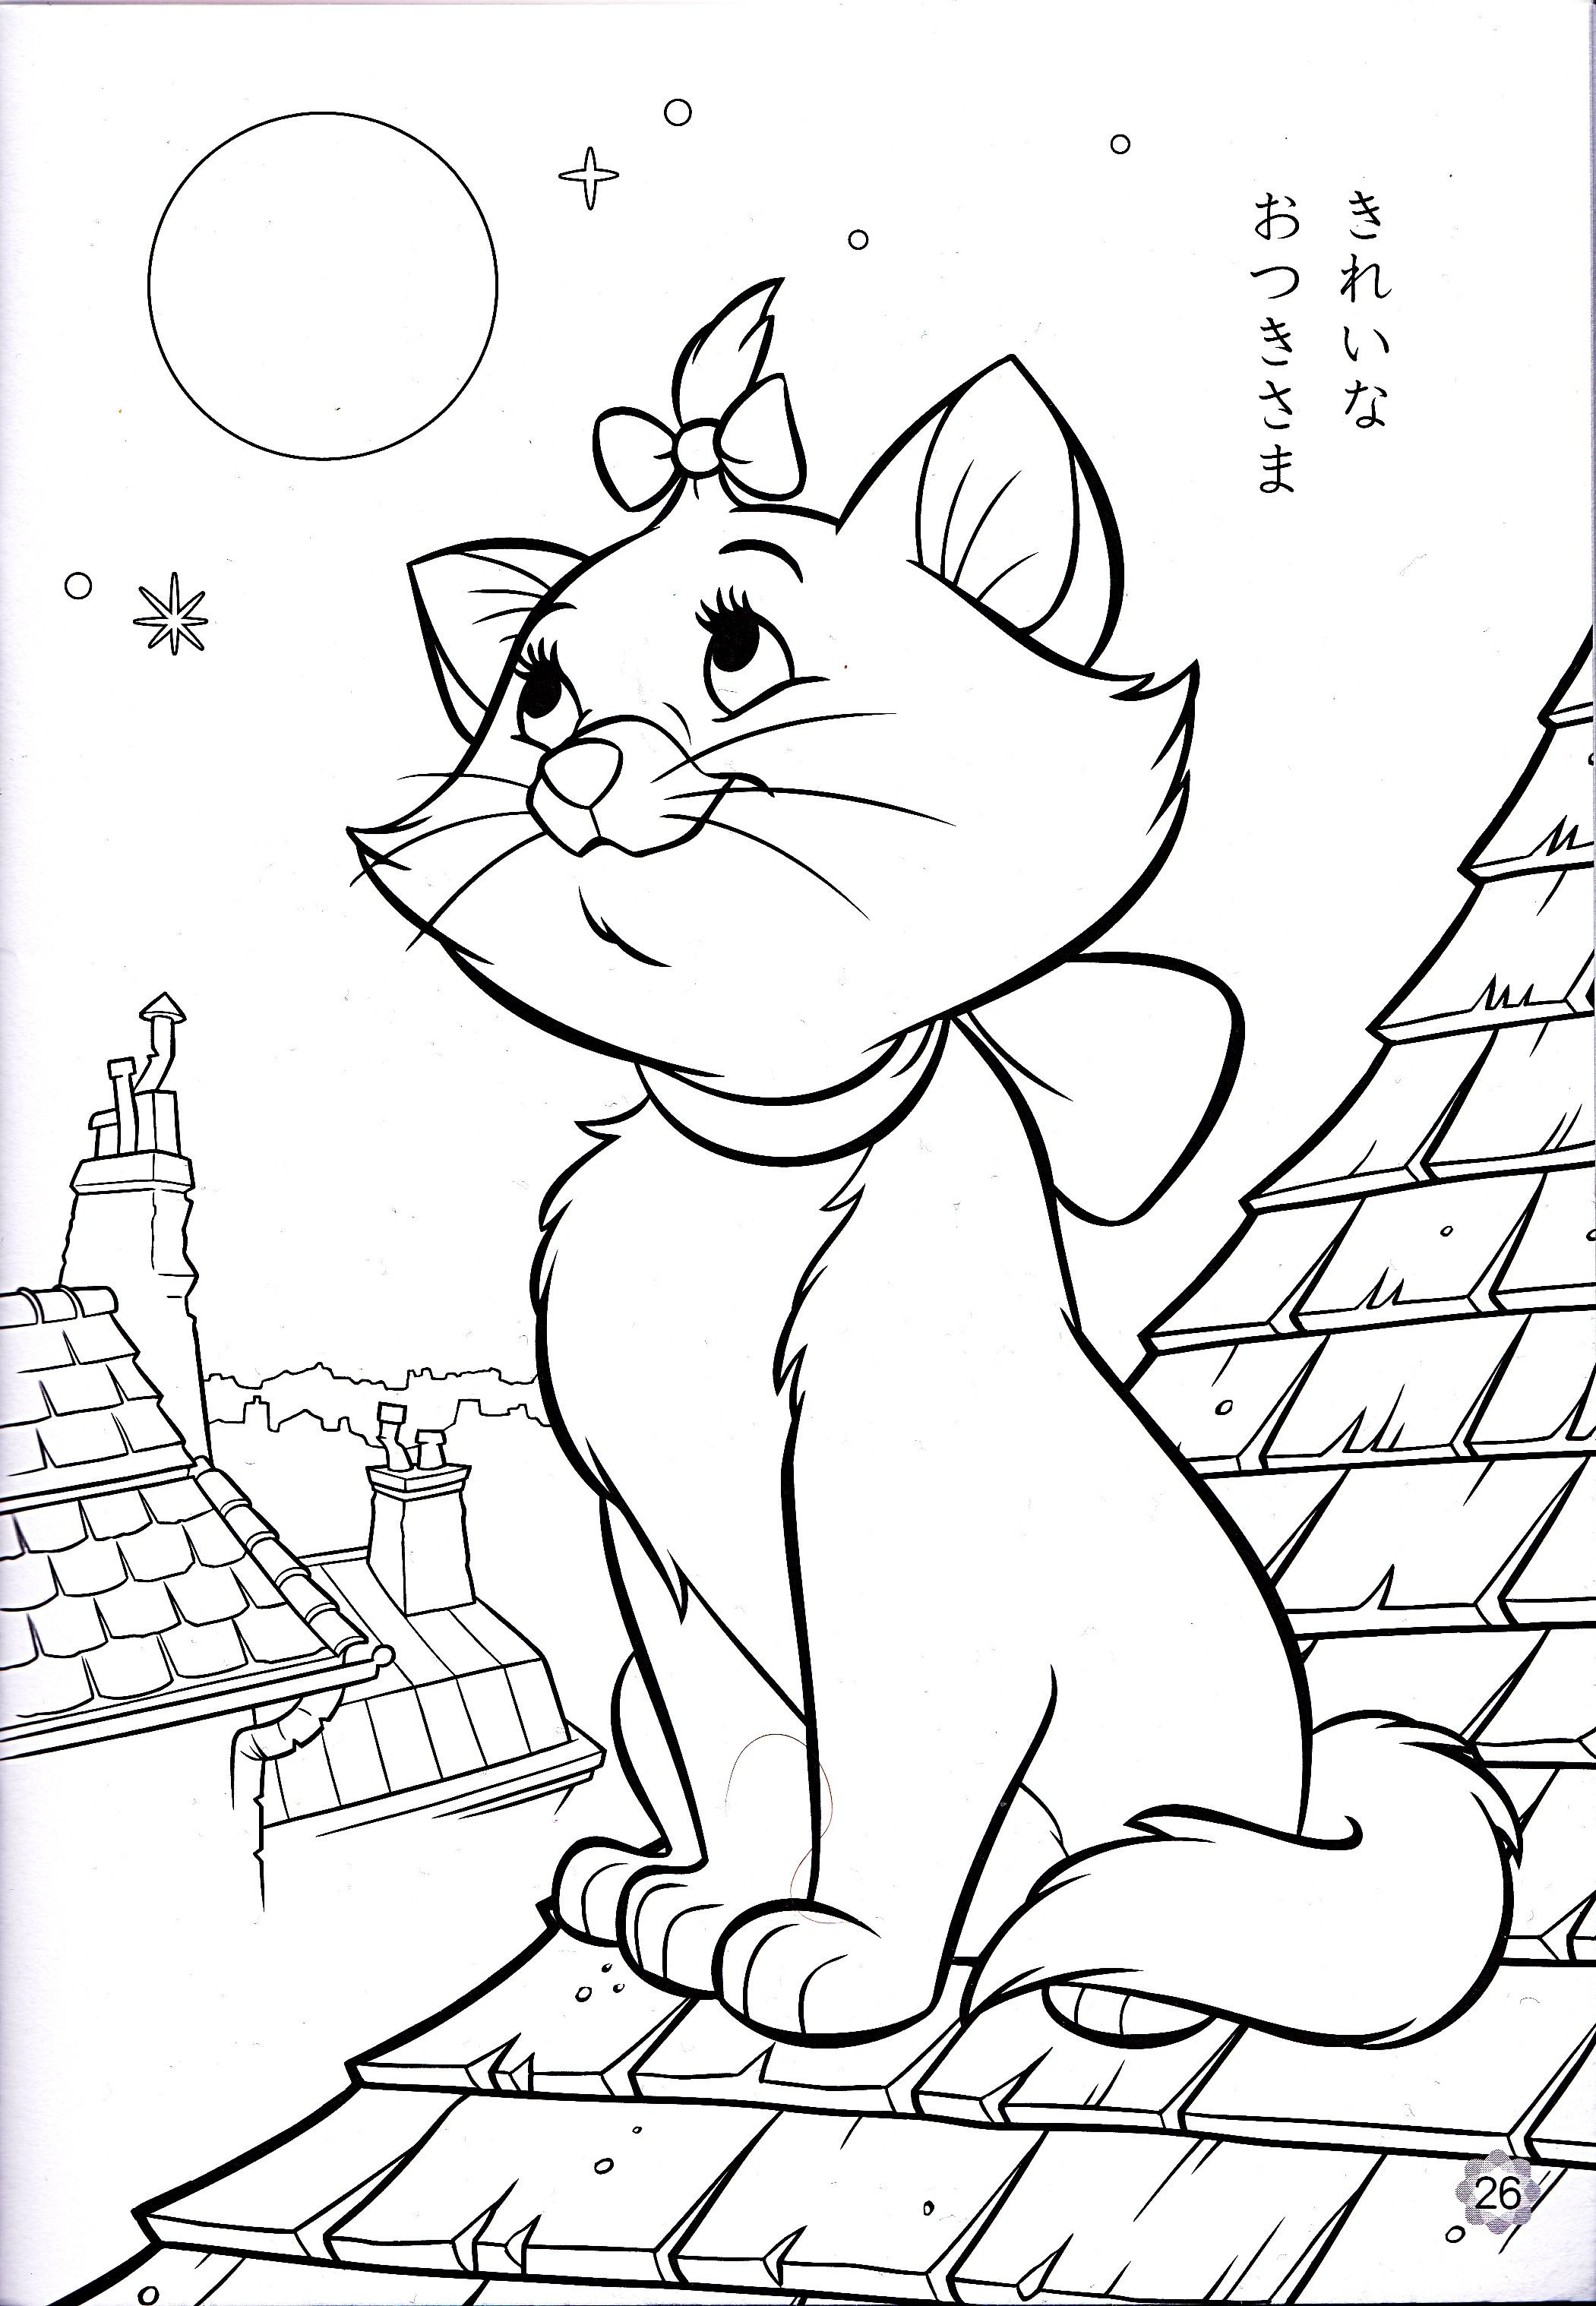 Arielle Ausmalbilder Zum Drucken Kostenlos Genial Walt Disney Coloring Pages Marie Walt Disney Characters Best Das Bild